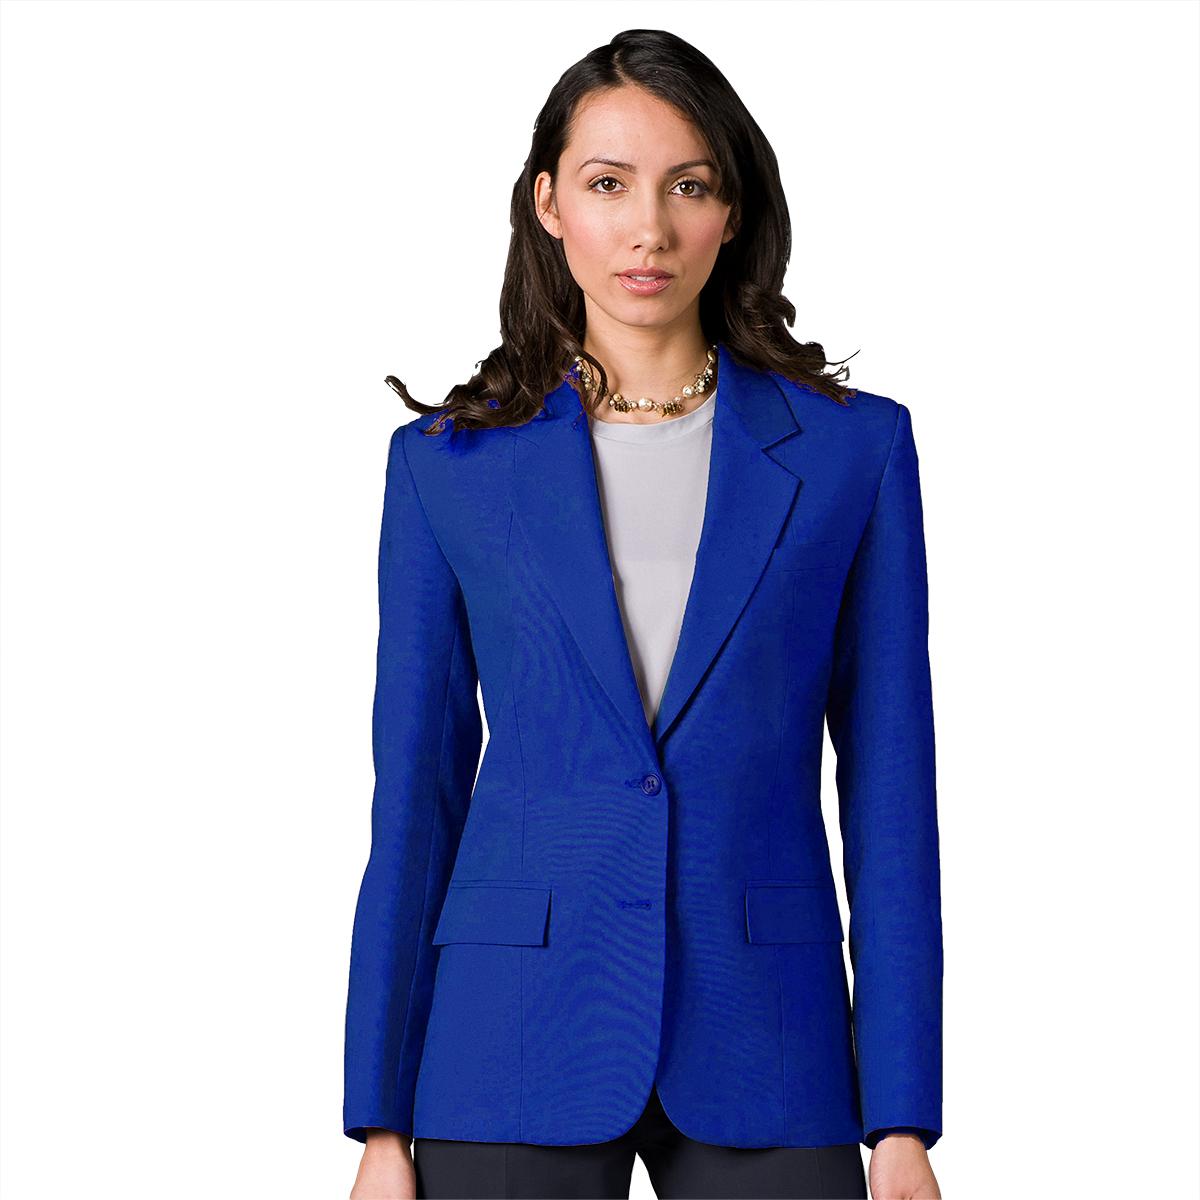 Blazers For Women: Easywear Women's Polywool Blazer